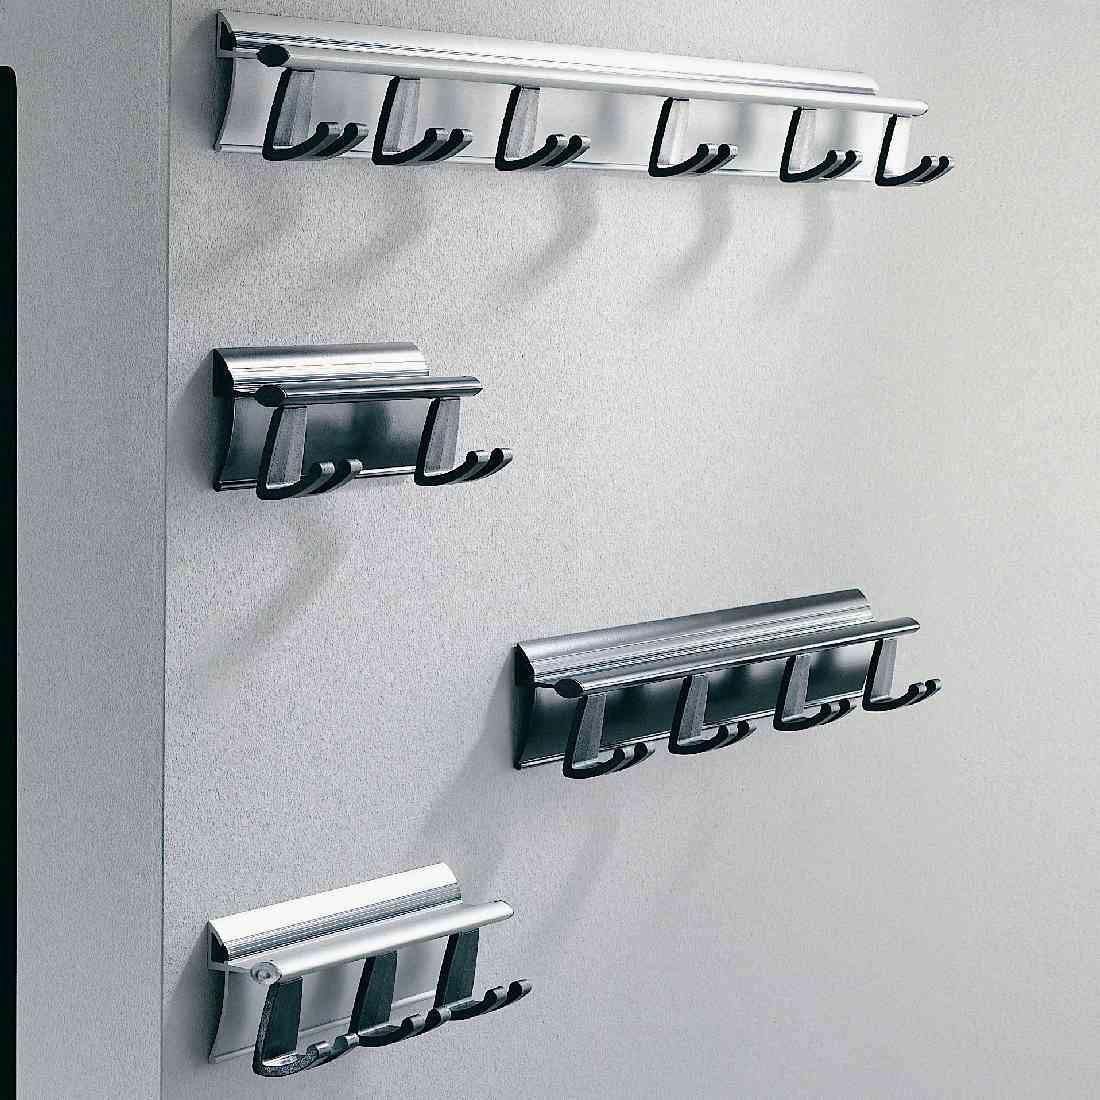 Garderobe Fargo – Garderobenleiste – mit 2 Haken, Blanke Design jetzt bestellen